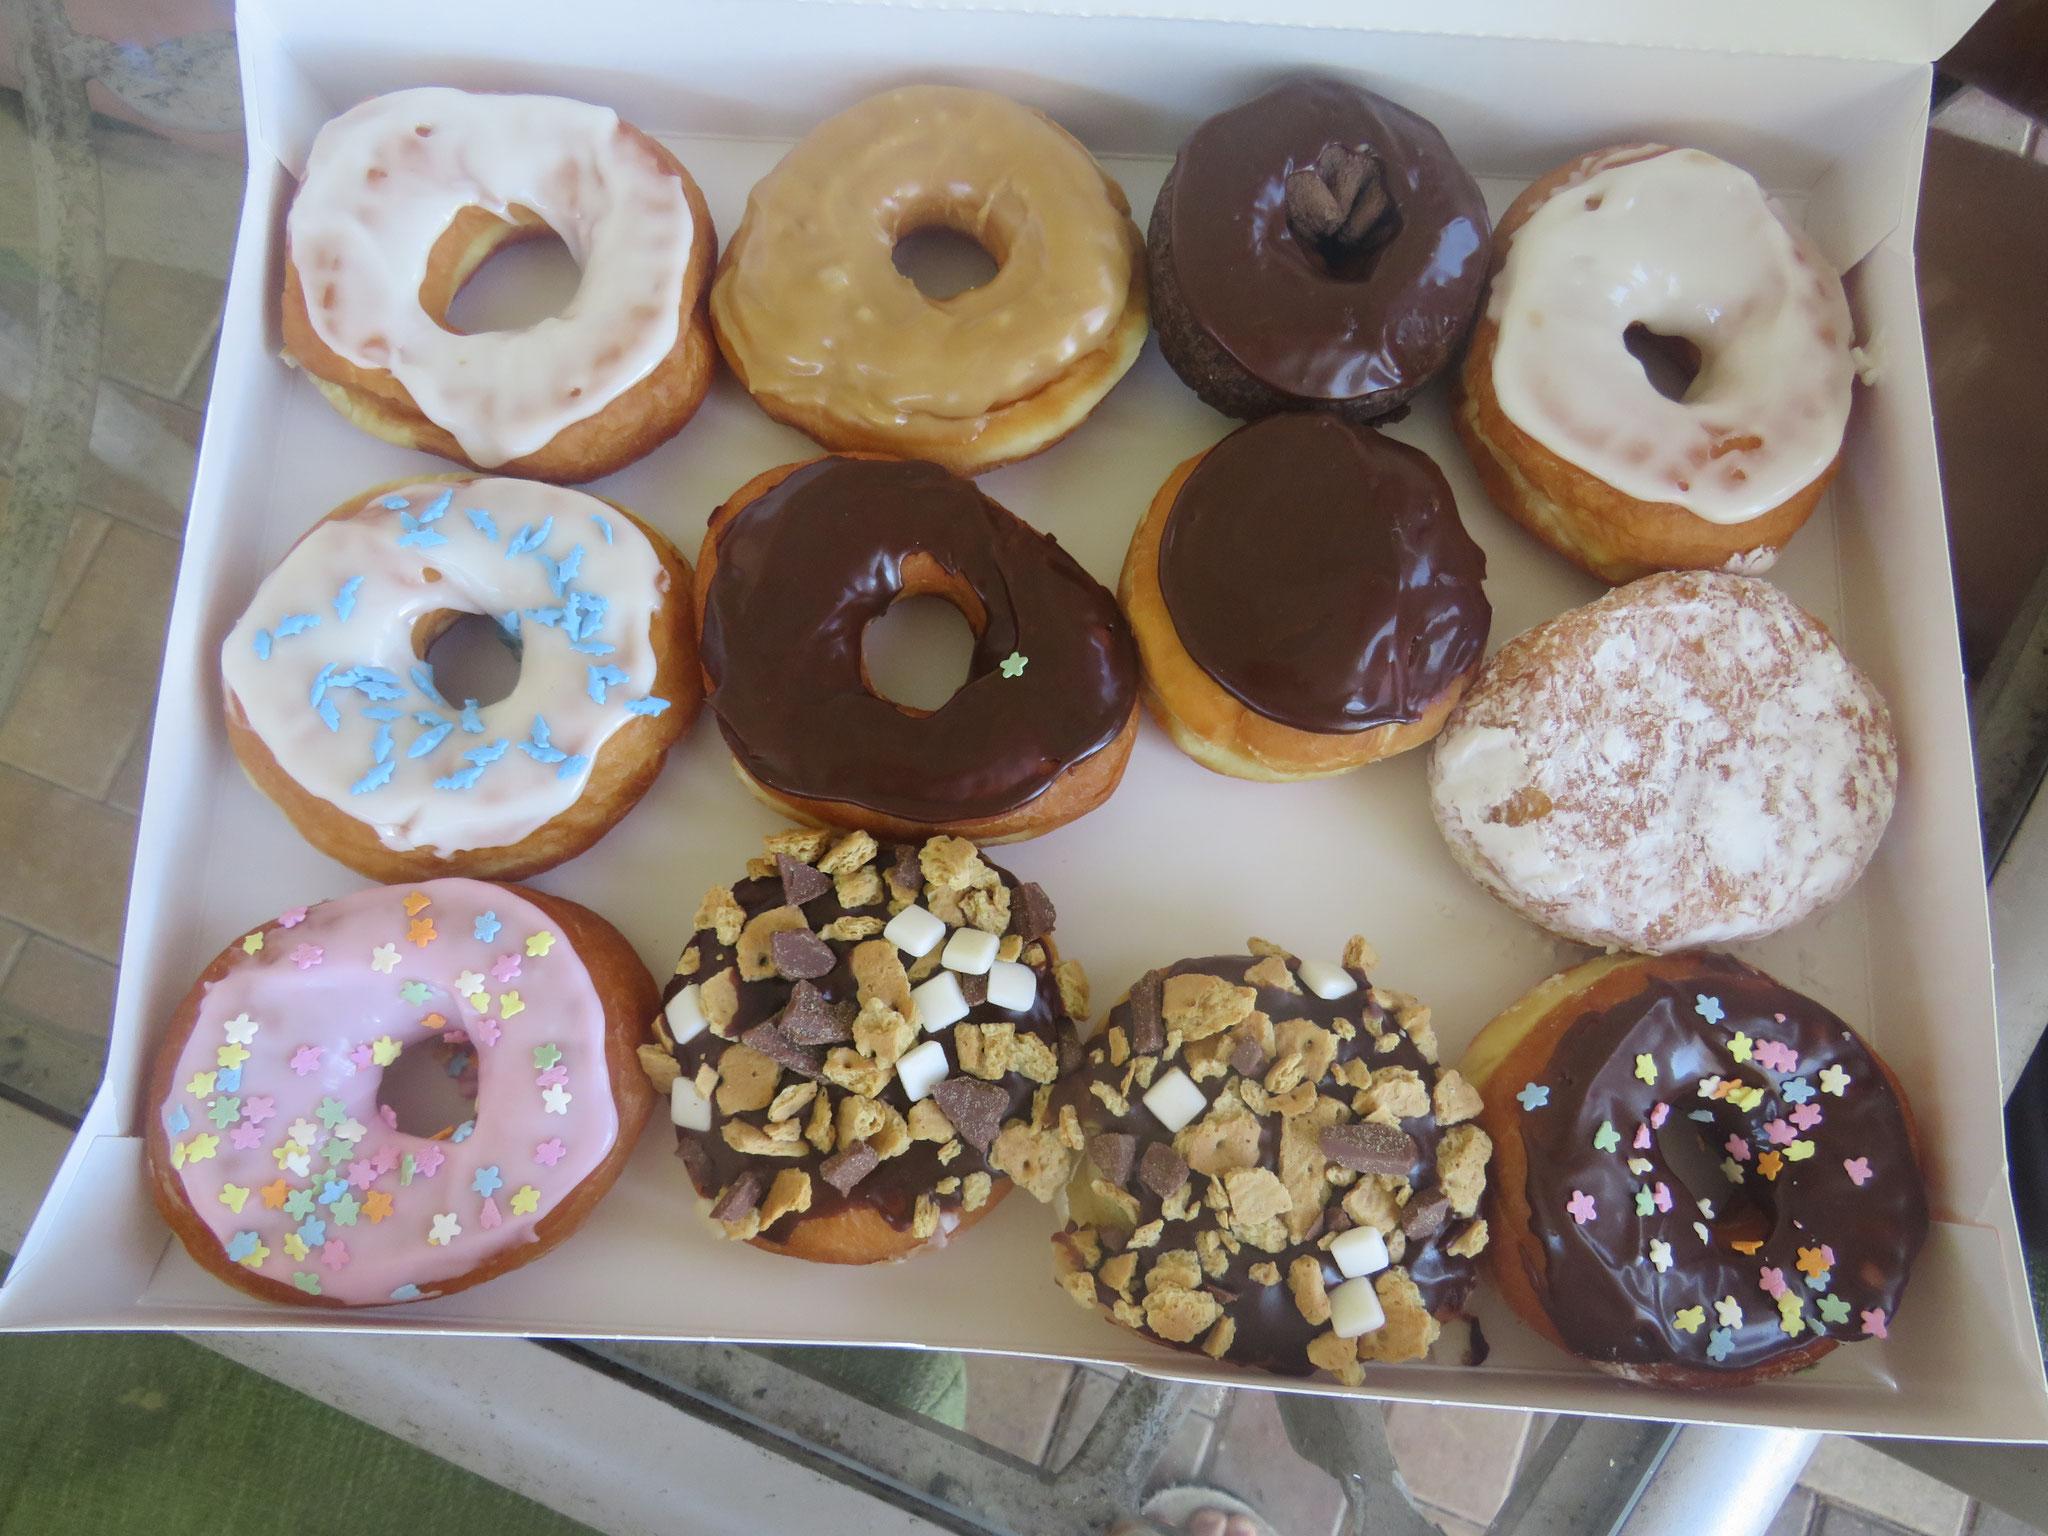 Dunkin Donuts bien entendu !